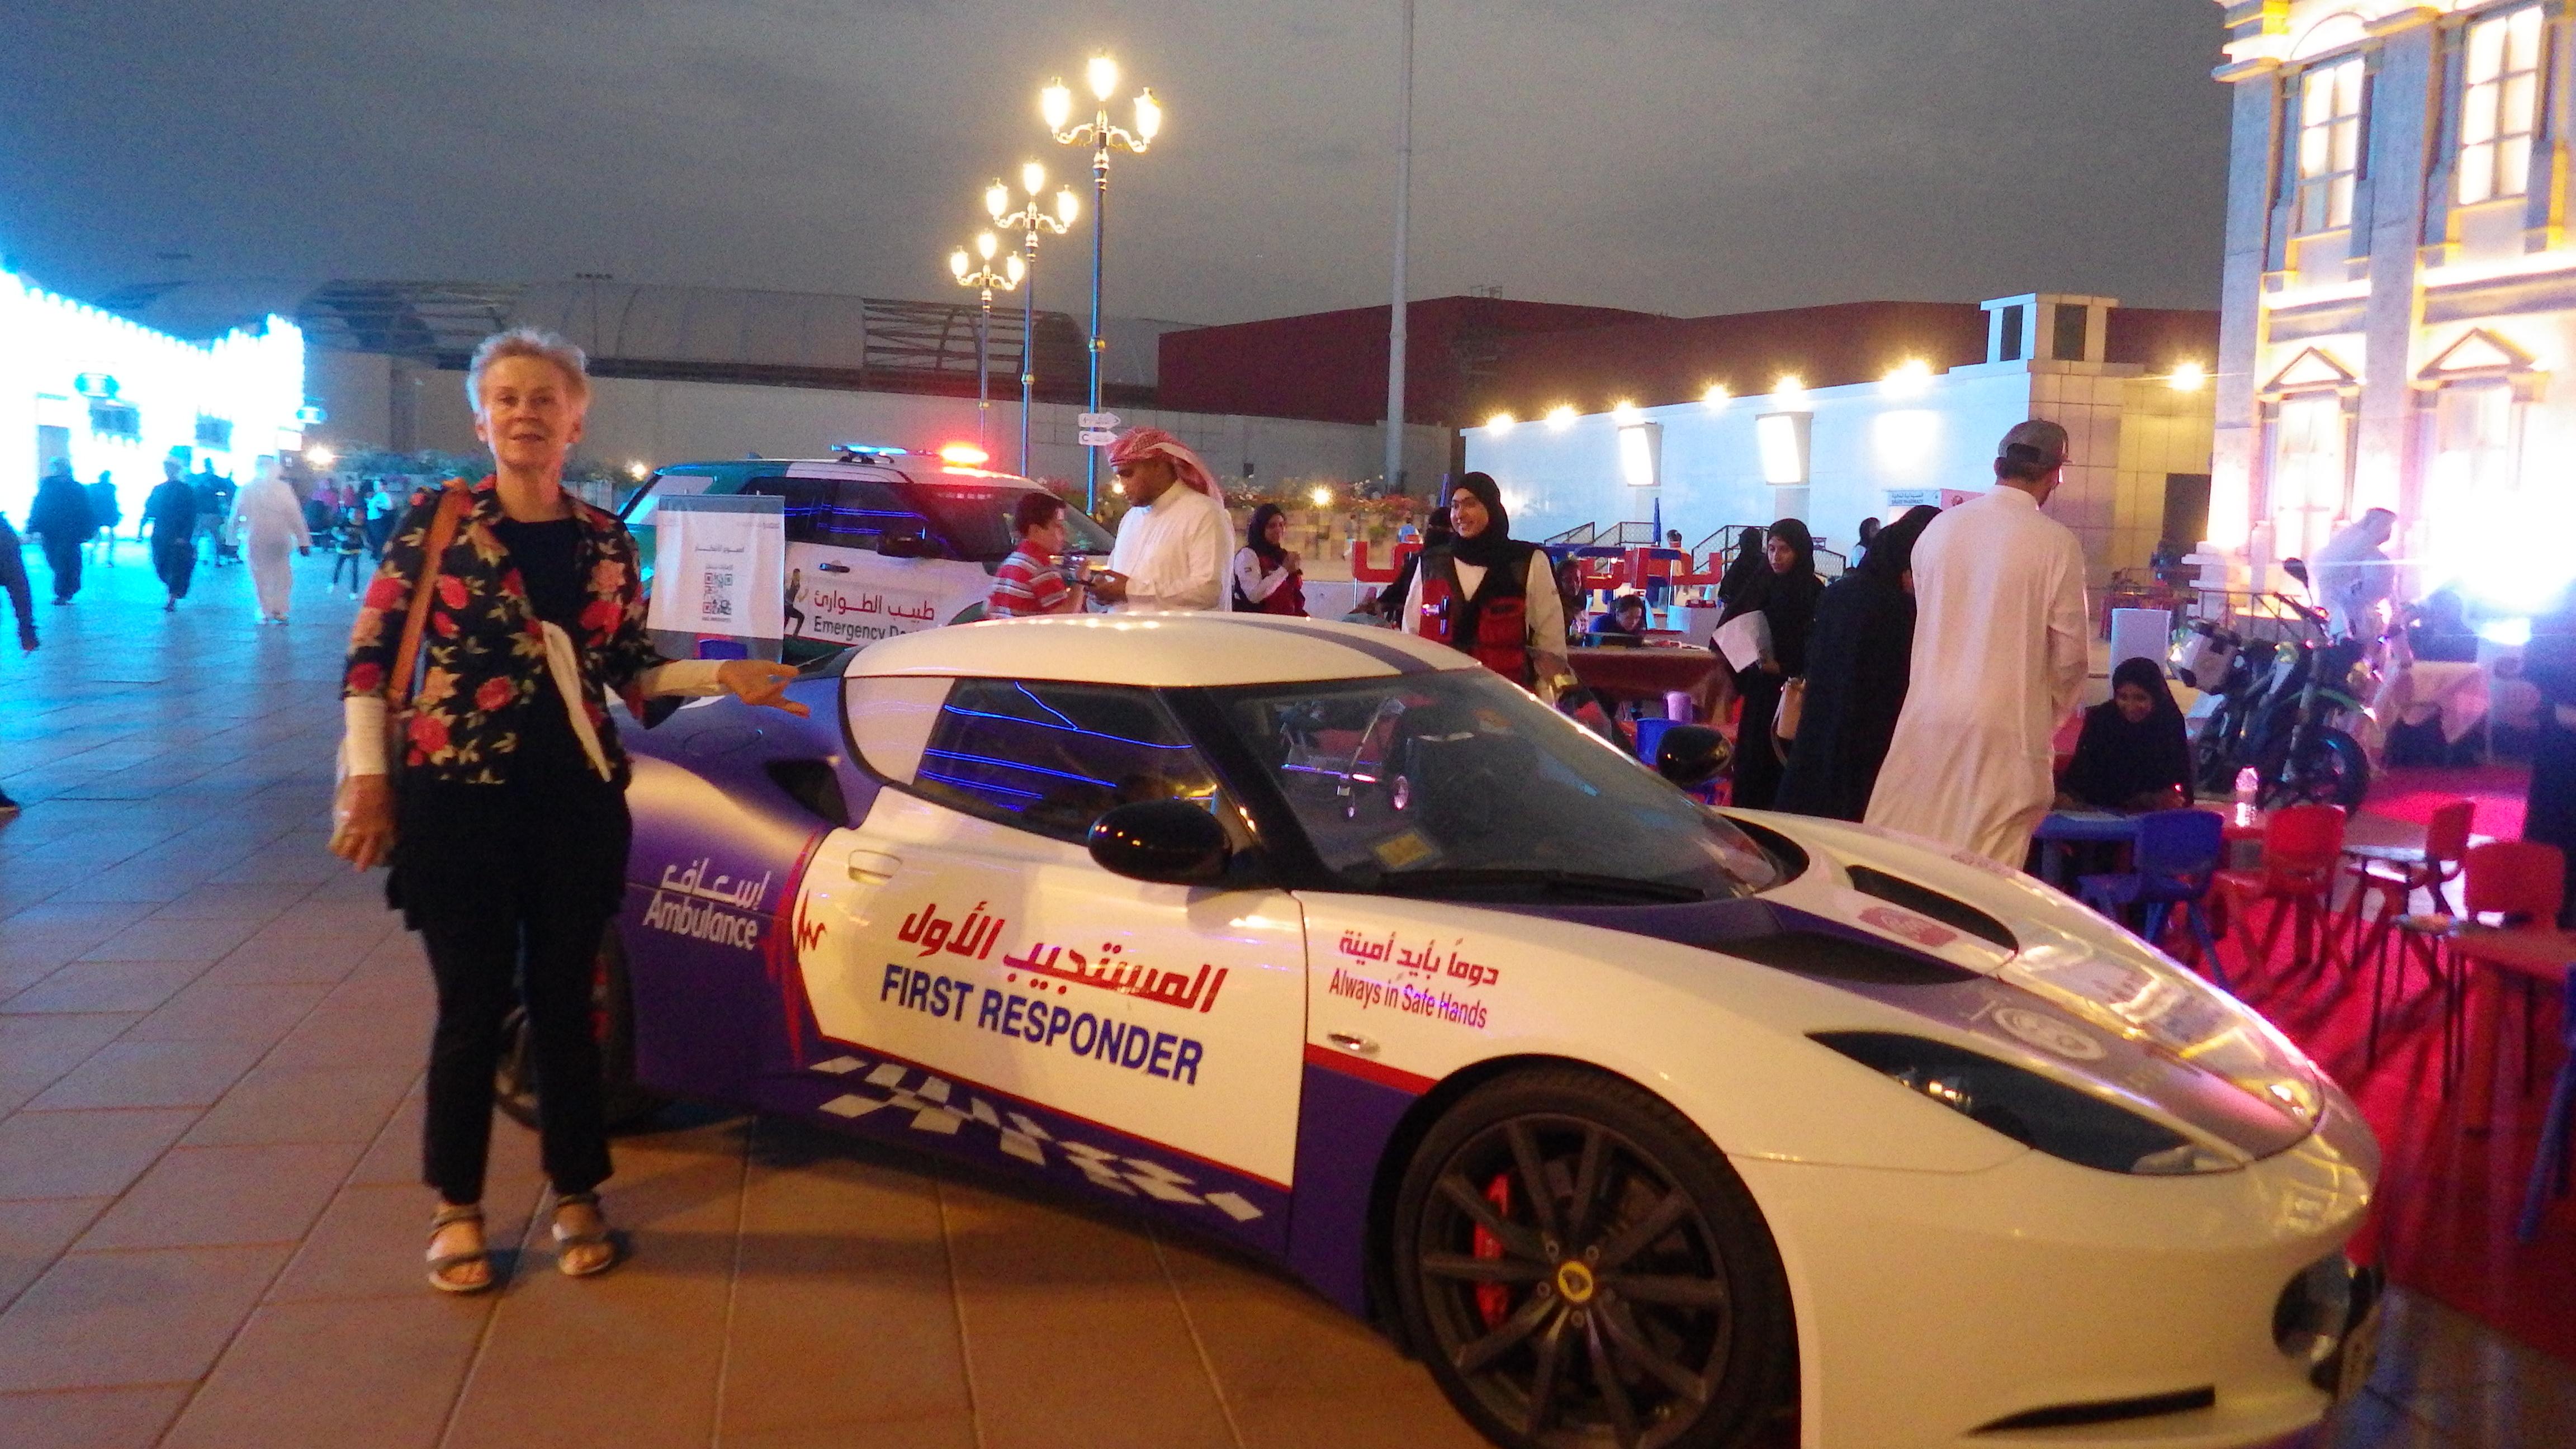 Dubaj (7.) Global Village, ez egy csúcs élmény!